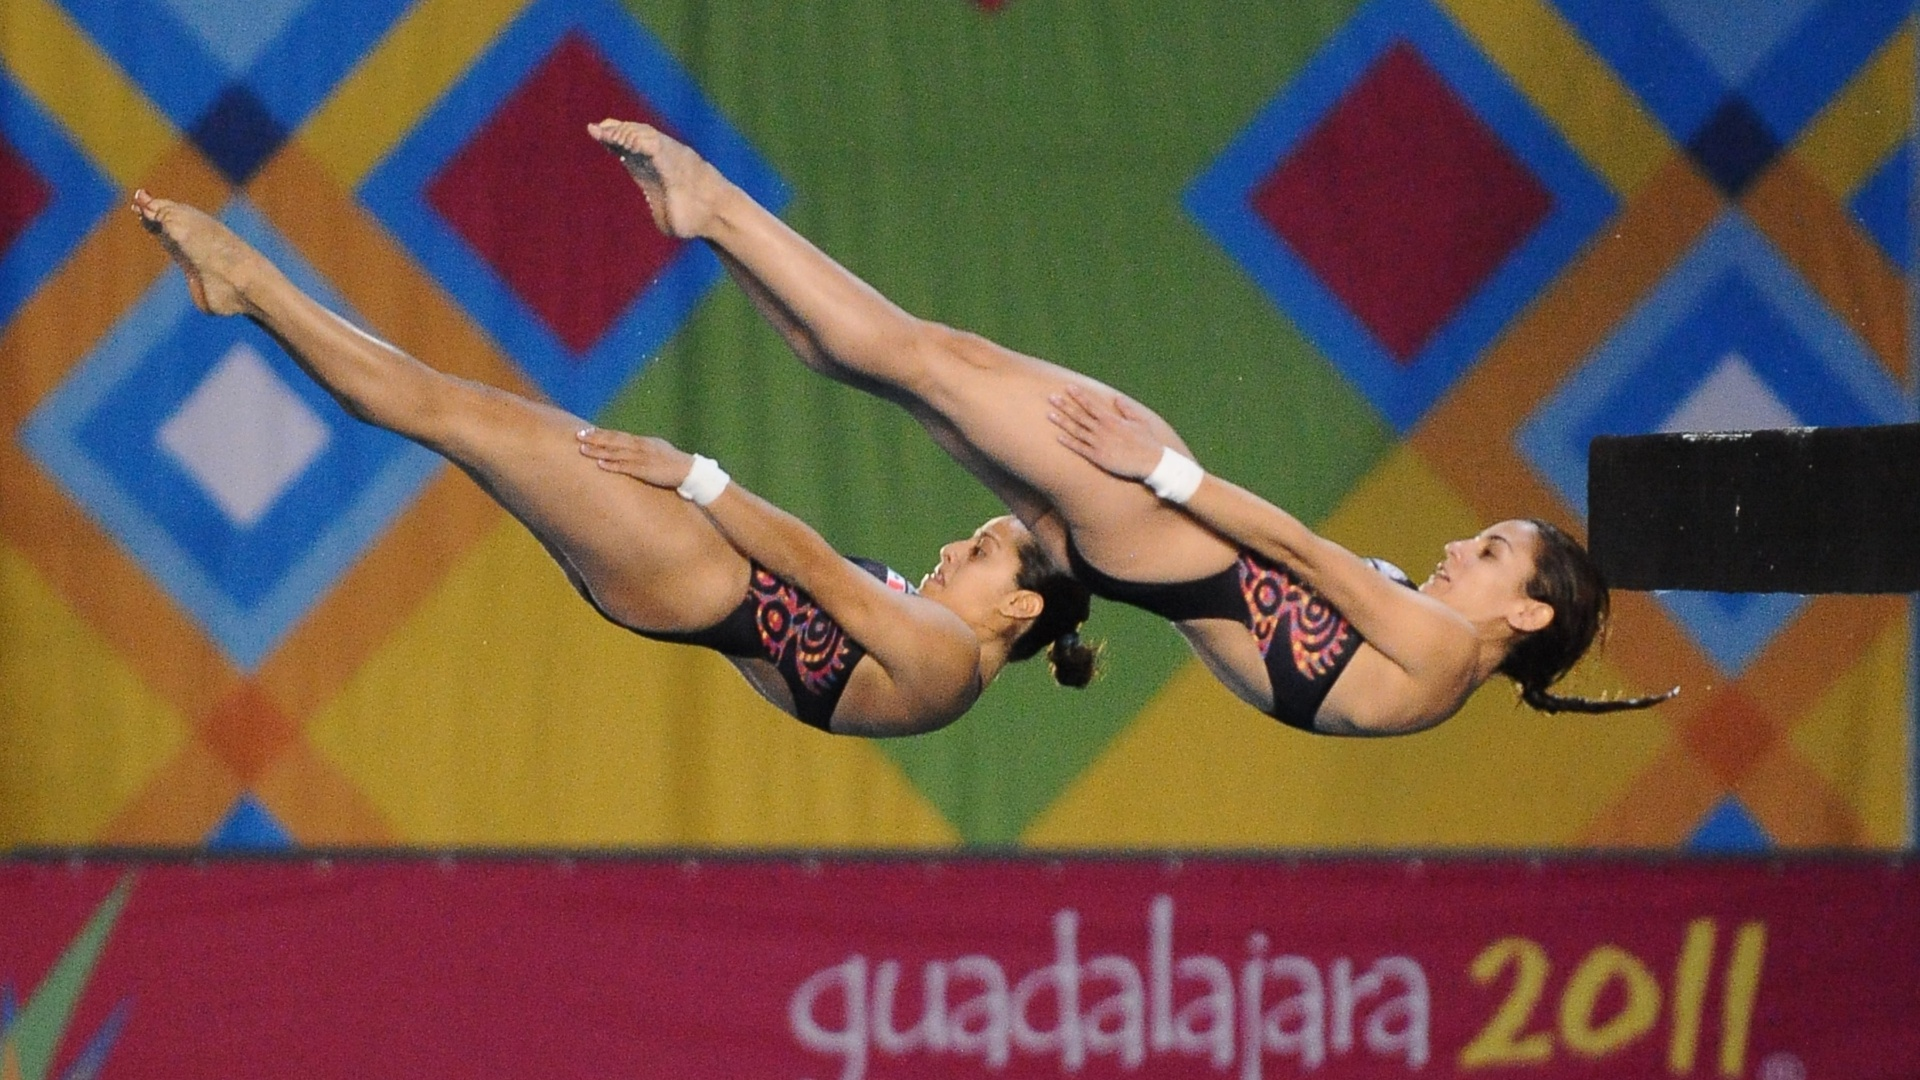 Mexicanas Paola Espinoza (esq.) e Tatiana Ortiz (dir.) fazem exibição na plataforma de 10 m durante os Jogos de Guadalajara